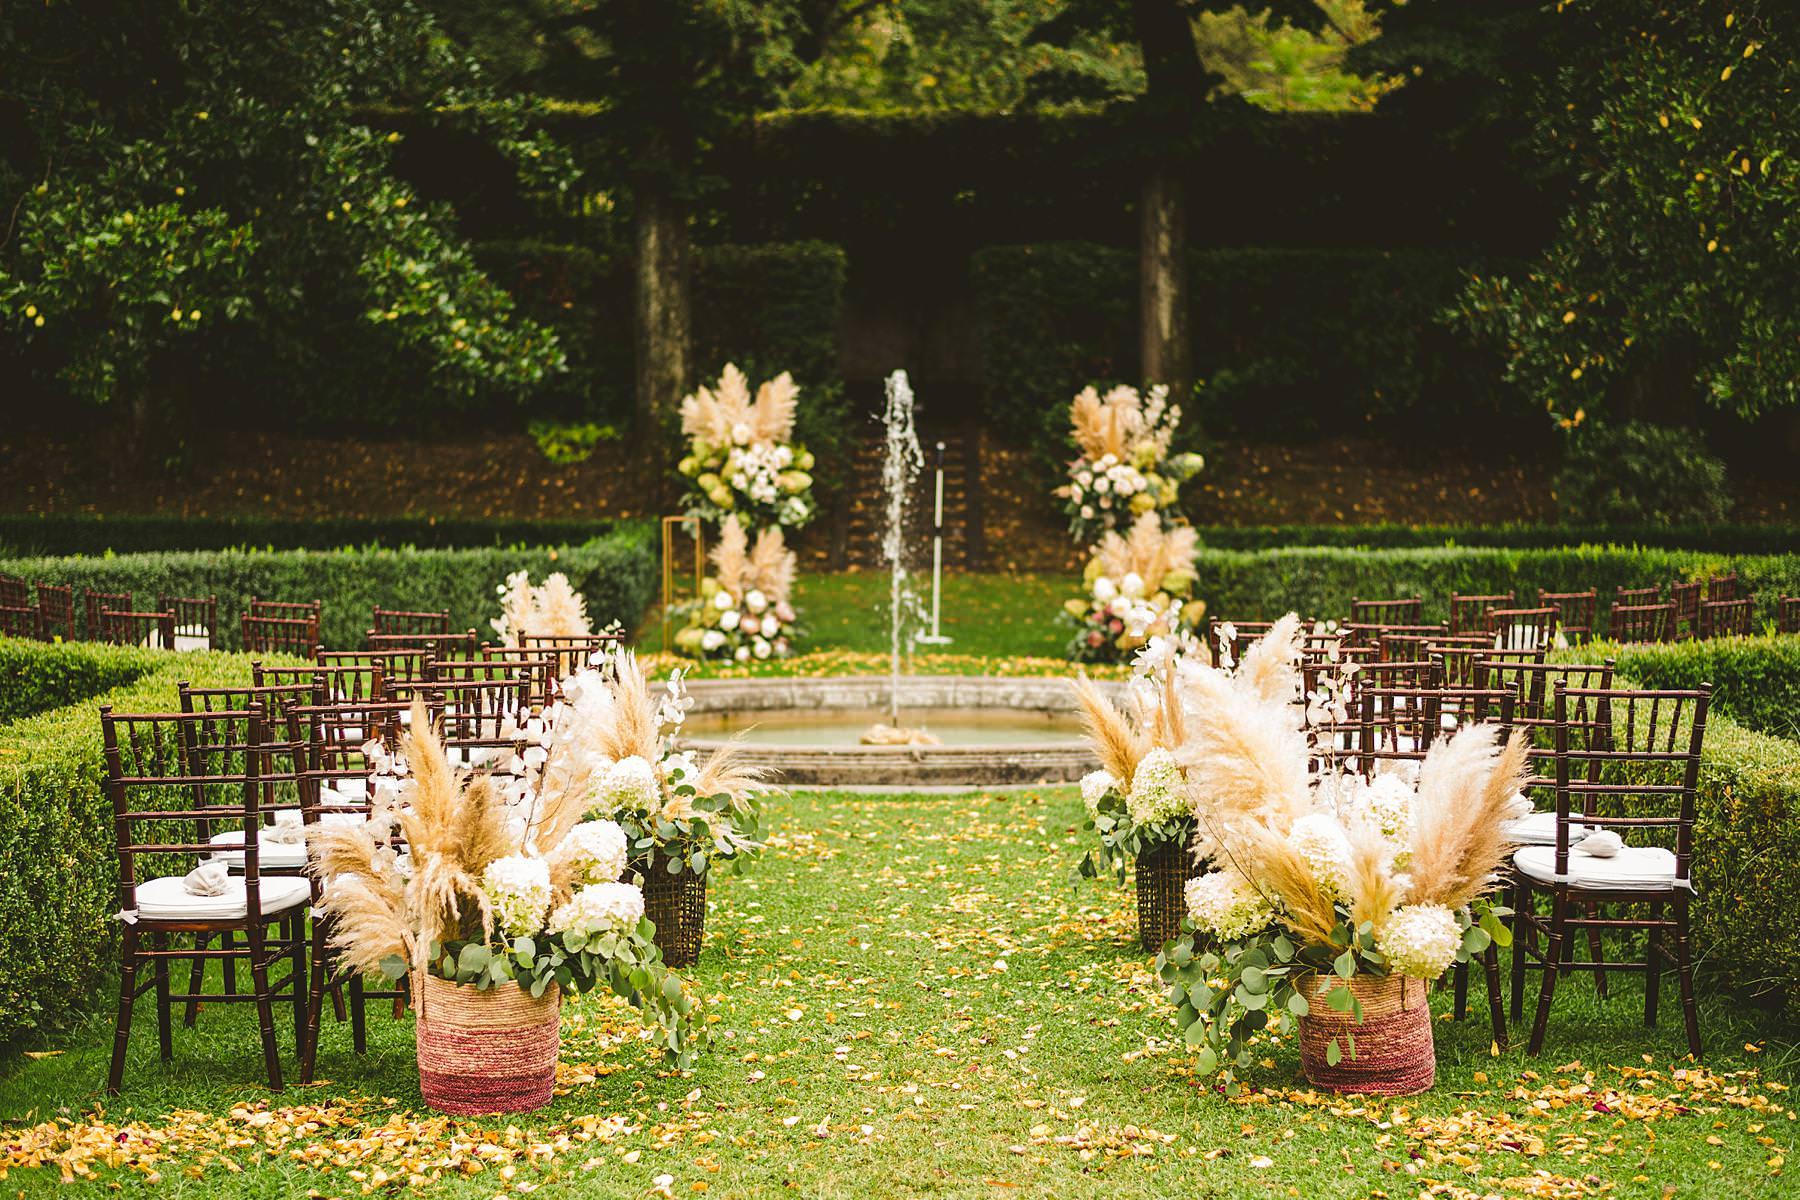 Intimate elegant ceremony decor in the elegant garden in font of the Villa La Vedetta, Florence. Flowers design by Stiatti Fiori. Luxury destination wedding in Florence